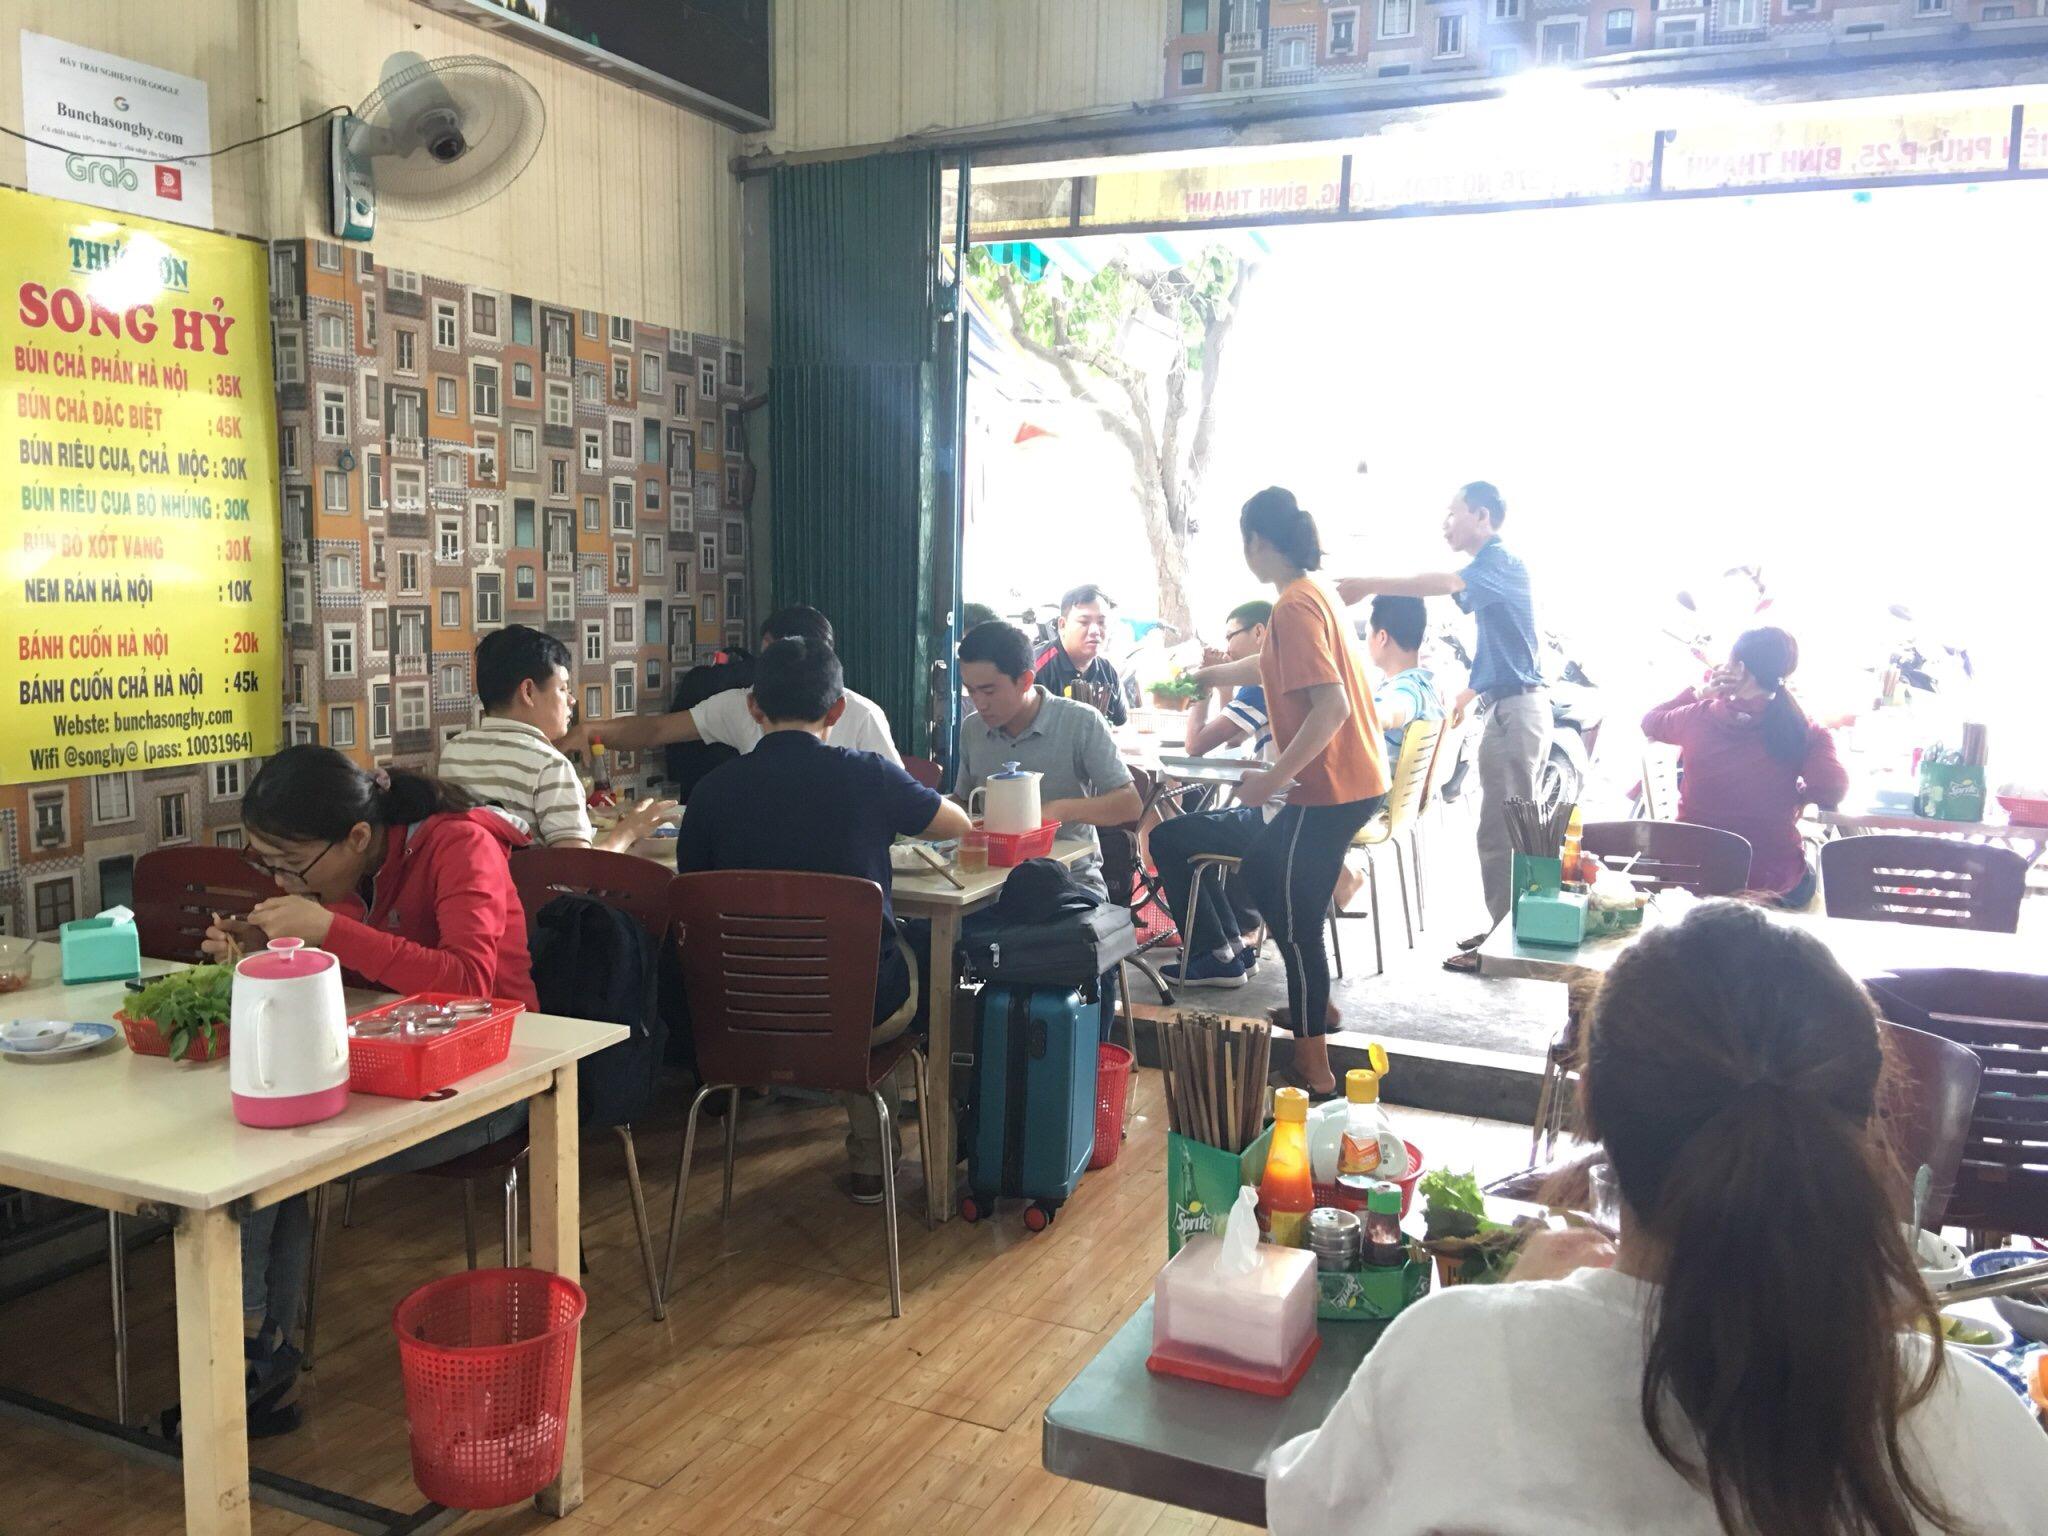 Quán ăn, ẩm thực: Quán Bún Chả Ngon Quận Bình Thạnh 15539113310